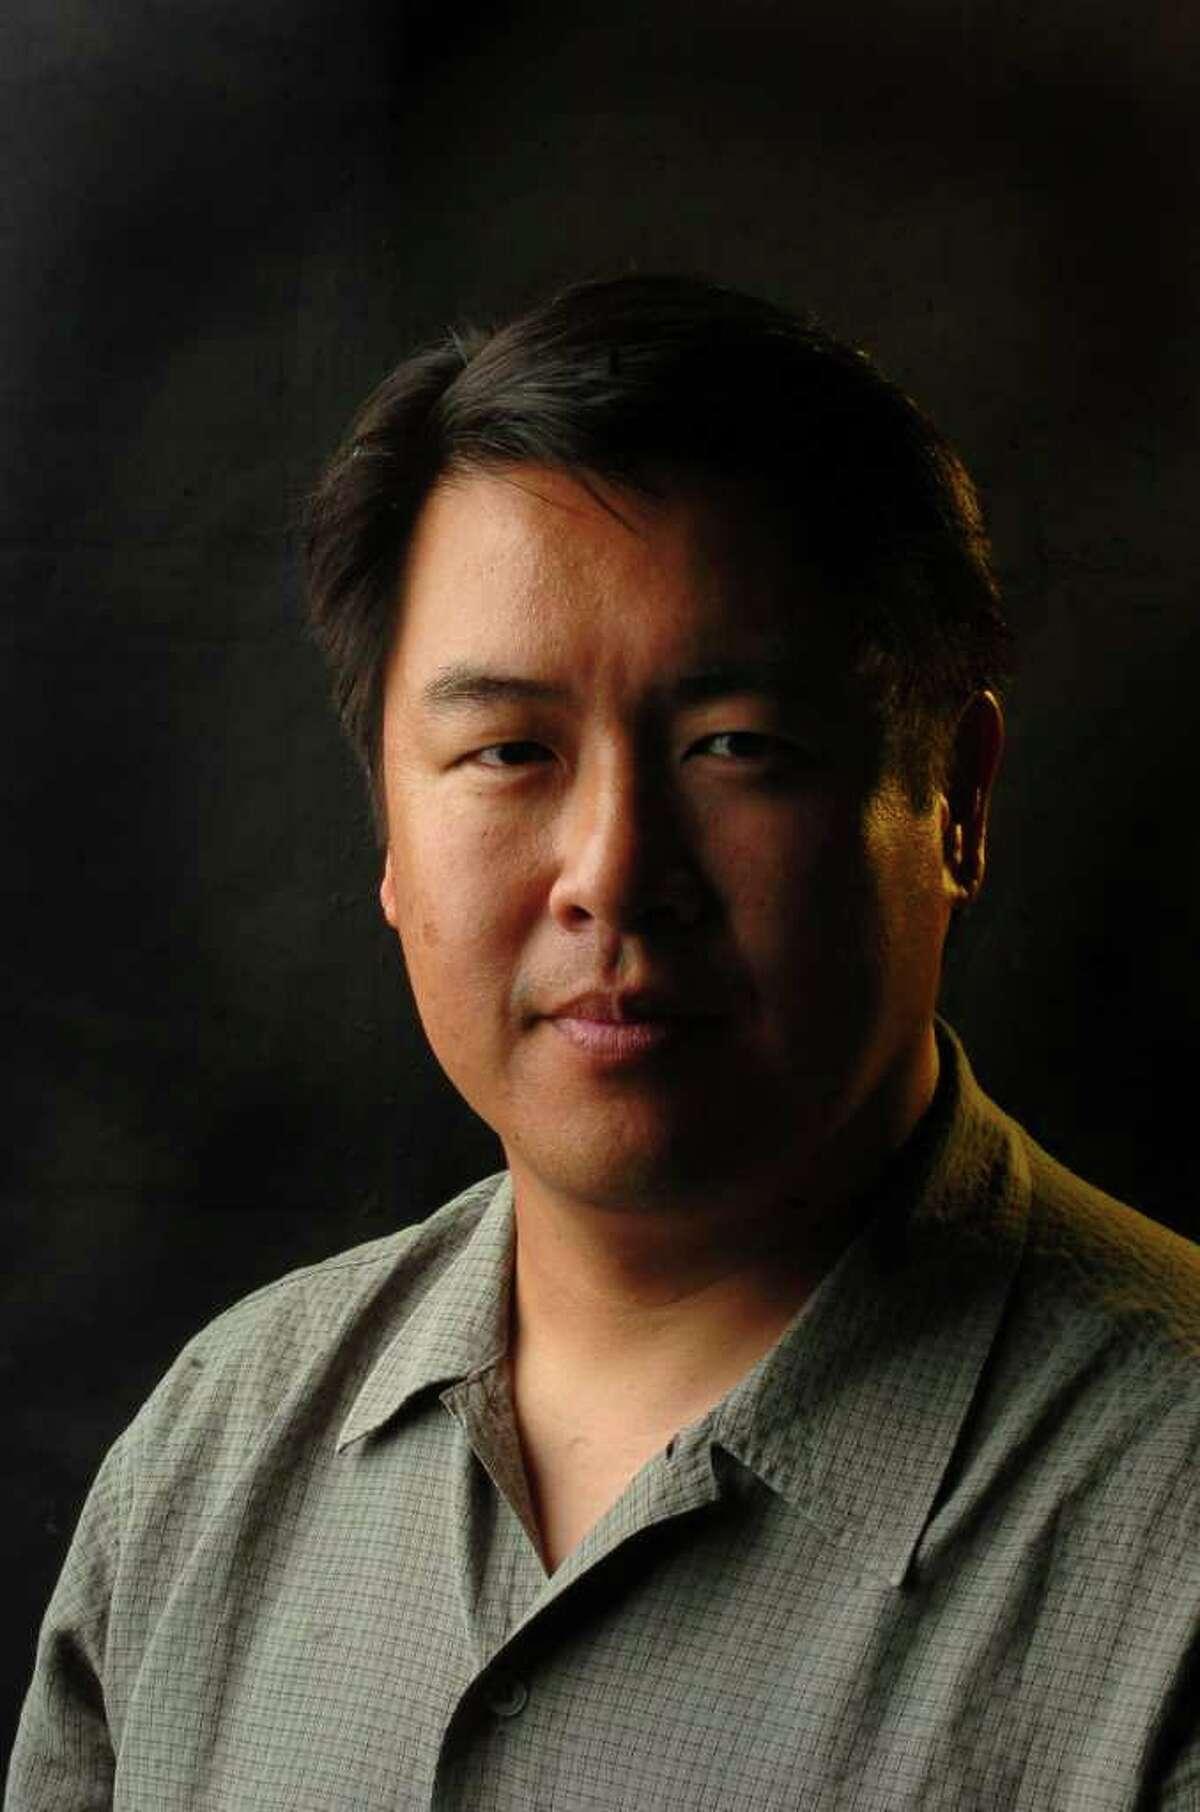 Kin Man Hui, Express-News photographer